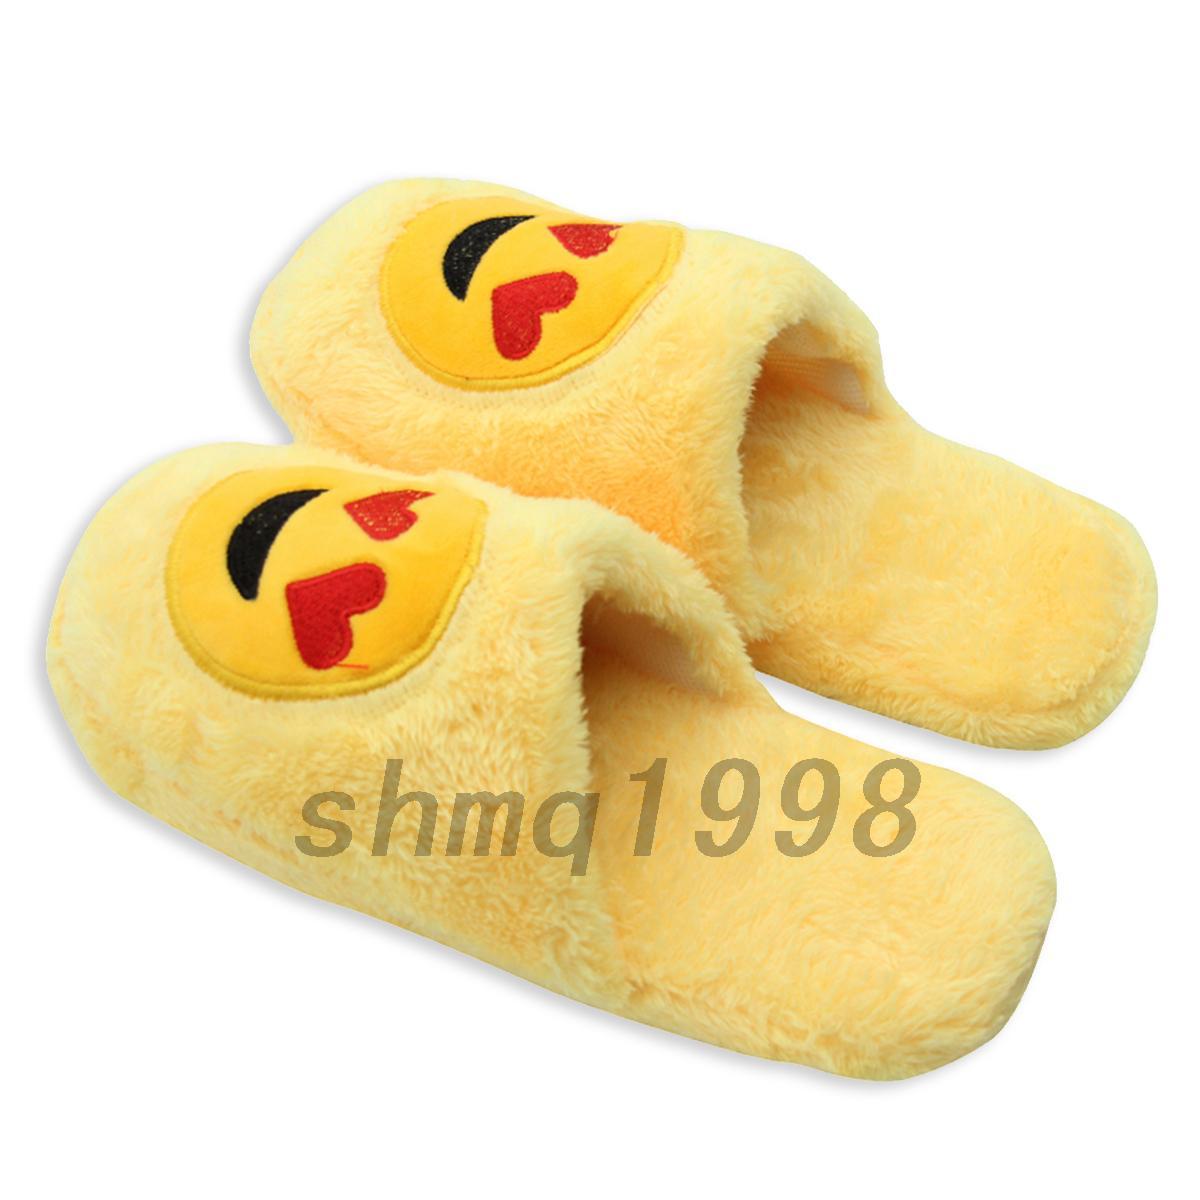 chausson pantoufle emoji mule d 39 hiver chaud coton pantoufles femme fantaisie ebay. Black Bedroom Furniture Sets. Home Design Ideas